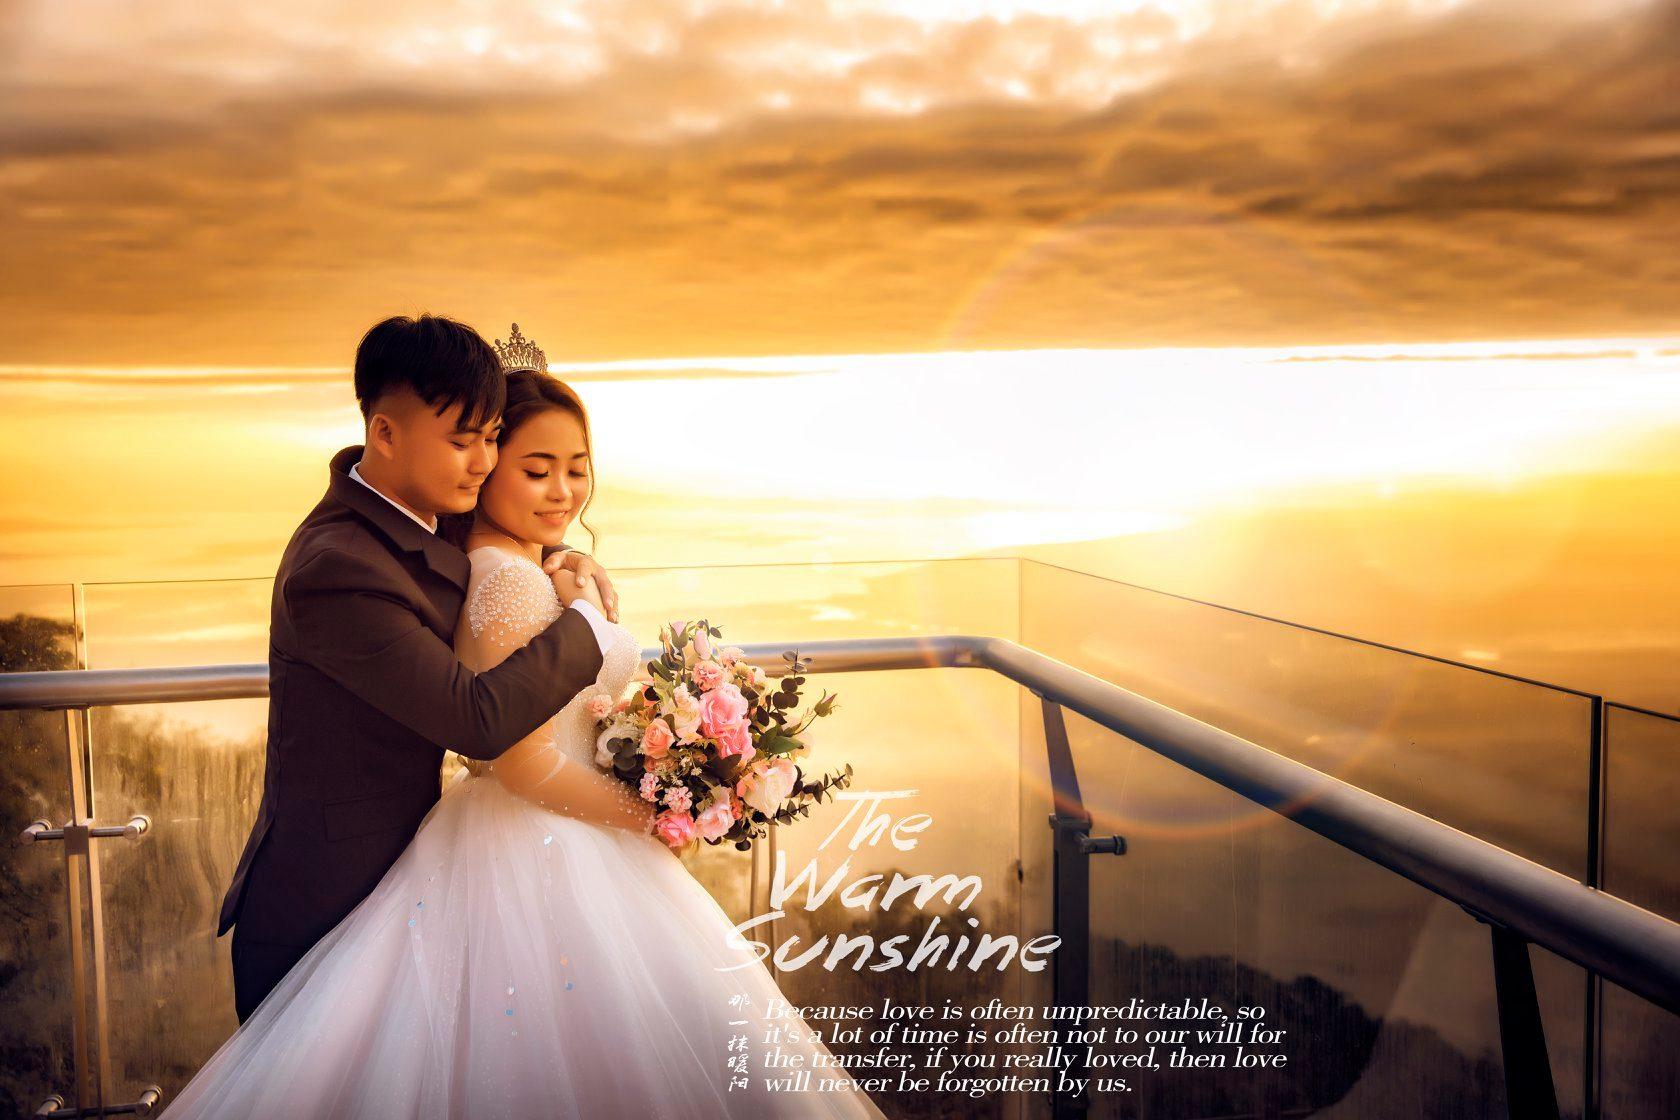 Xếp hạng 5 Studio chụp ảnh cưới đẹp nhất Tây Ninh - Áo Cưới Linh Anh